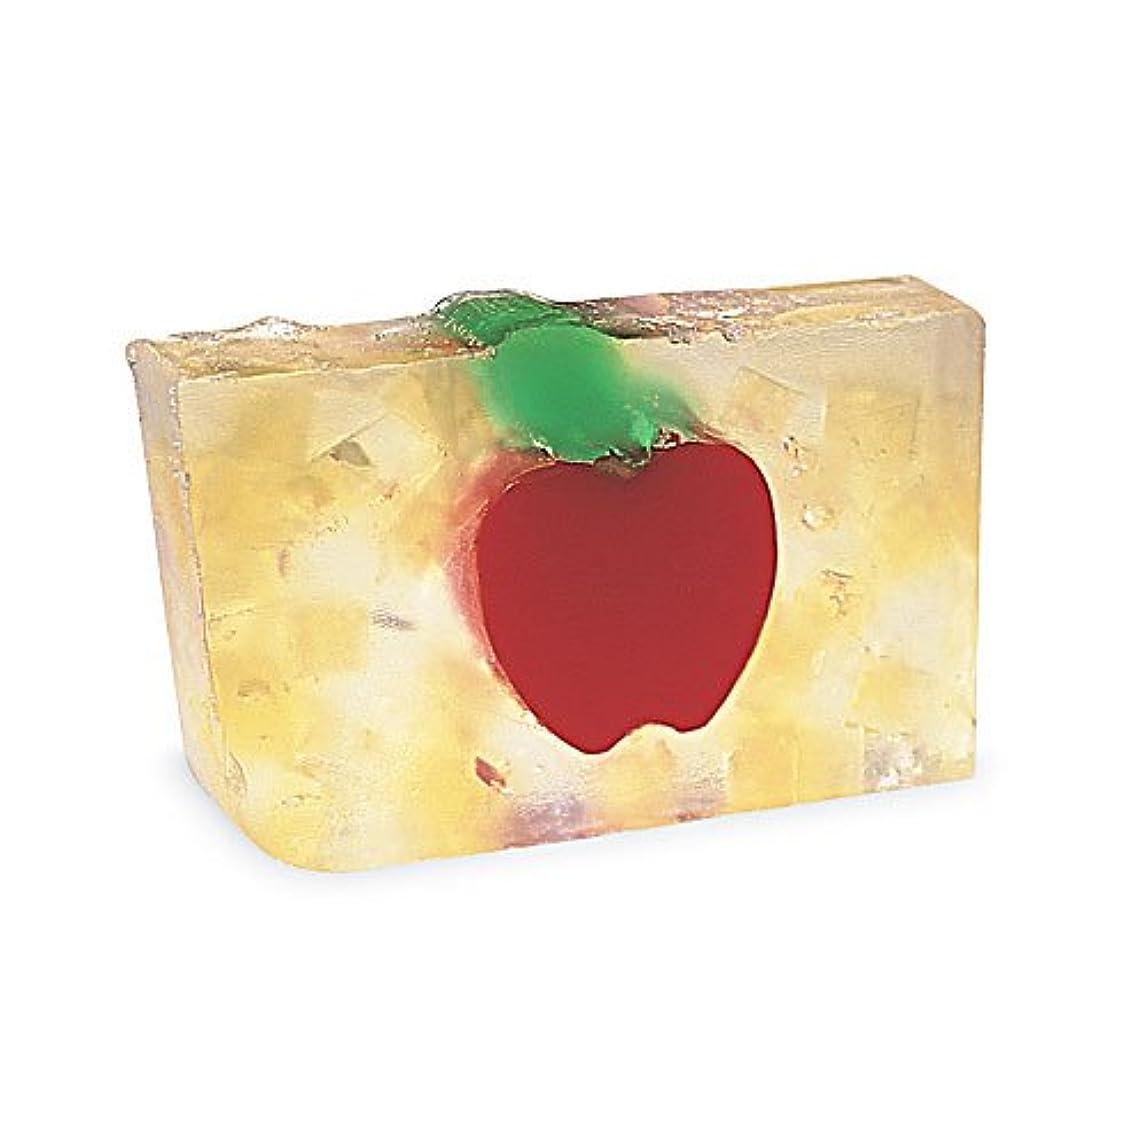 電池常習的登場プライモールエレメンツ アロマティック ソープ ビッグアップル 180g 植物性 ナチュラル 石鹸 無添加